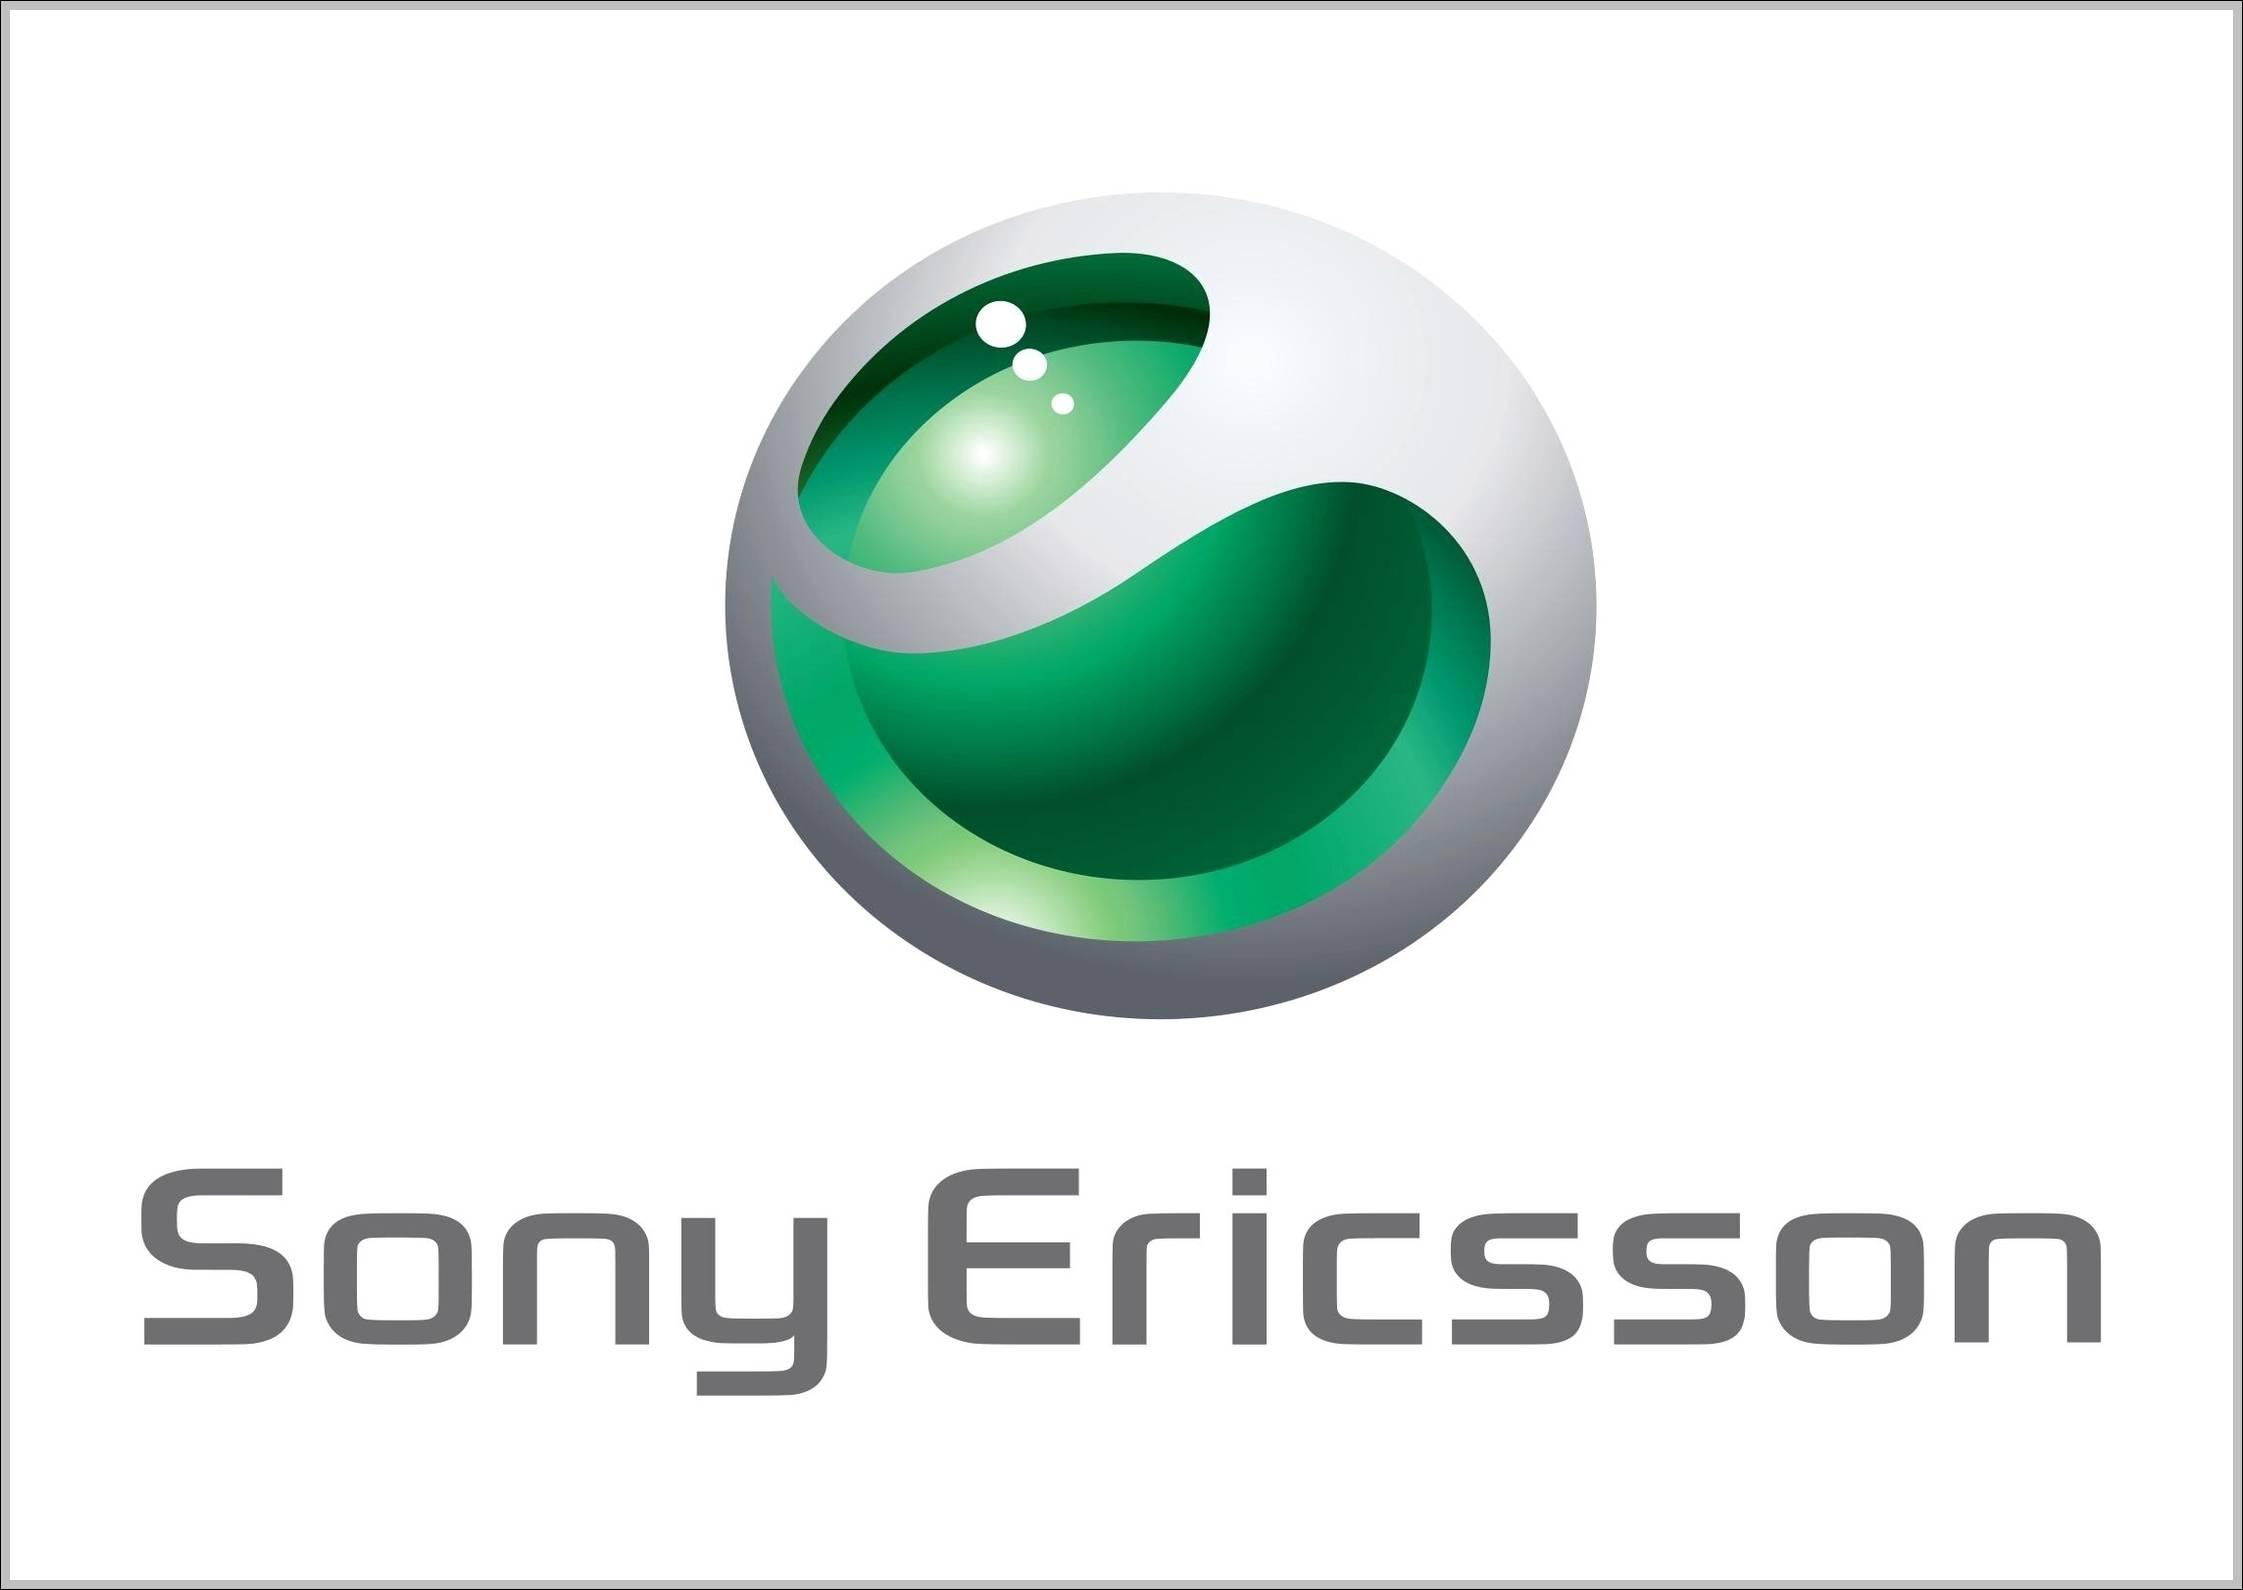 Sony Ericsson sign